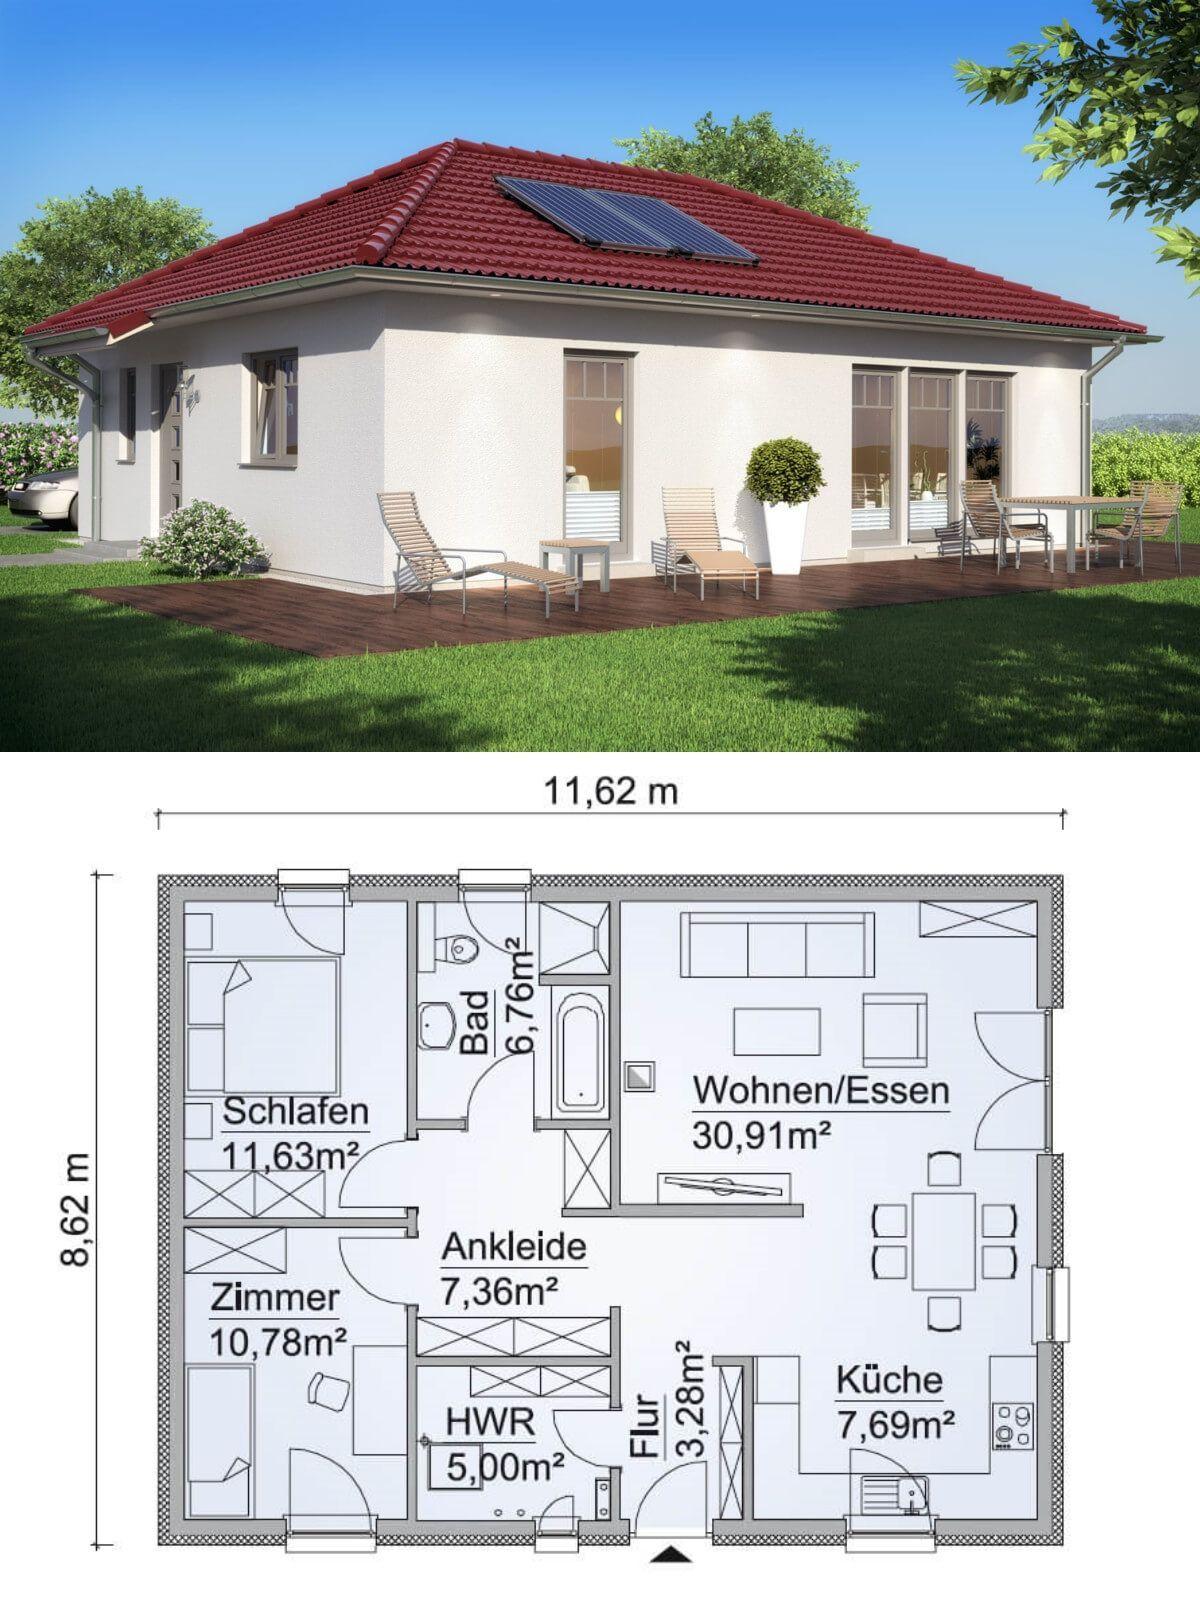 Moderner Bungalow Haus Grundriss rechteckig mit Walmdach